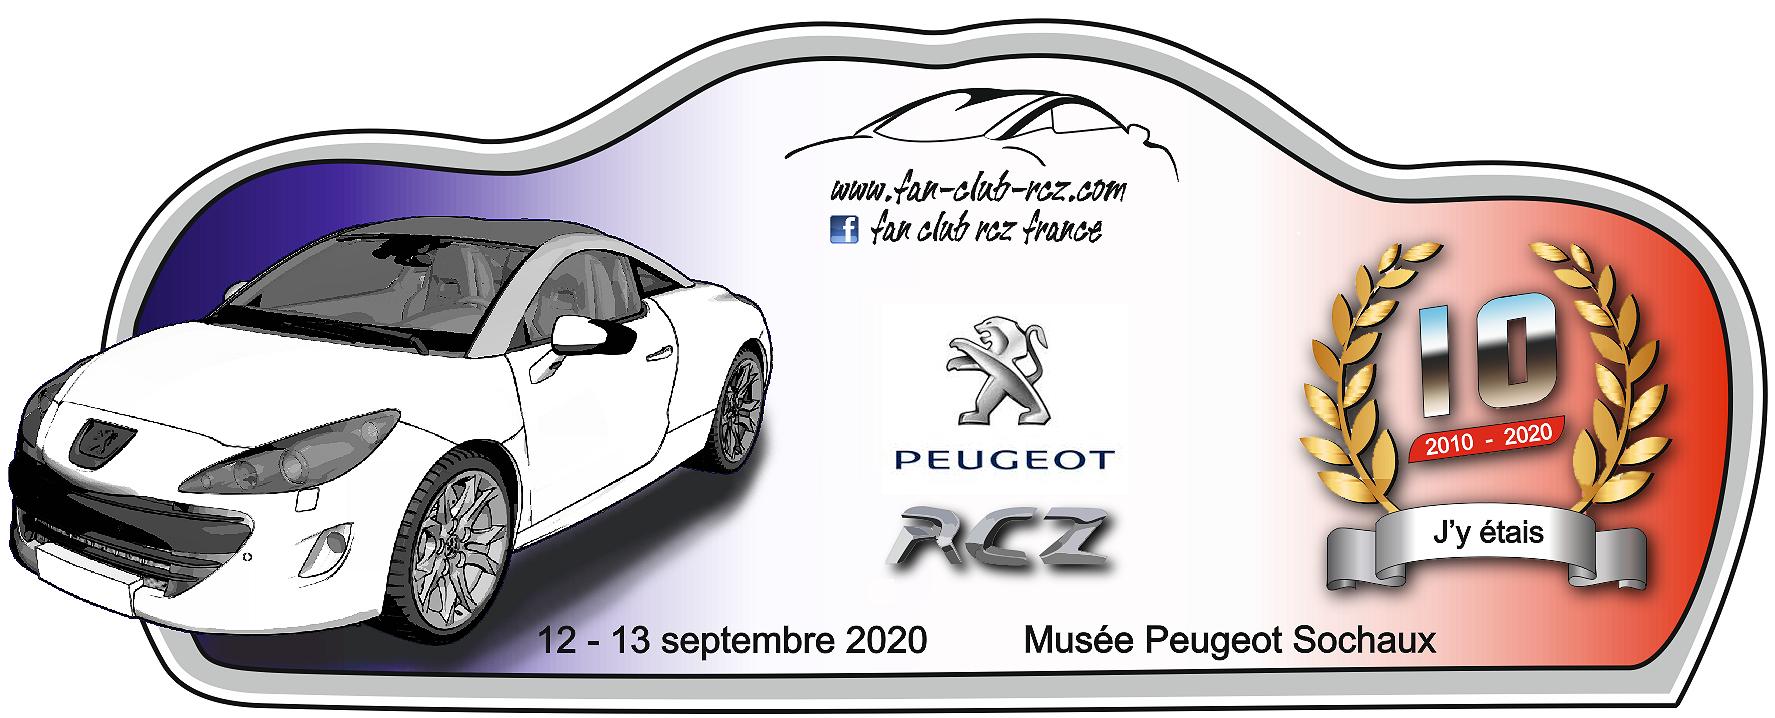 Sondage plaque 10 ans RCZ (CLOS) Plaque32